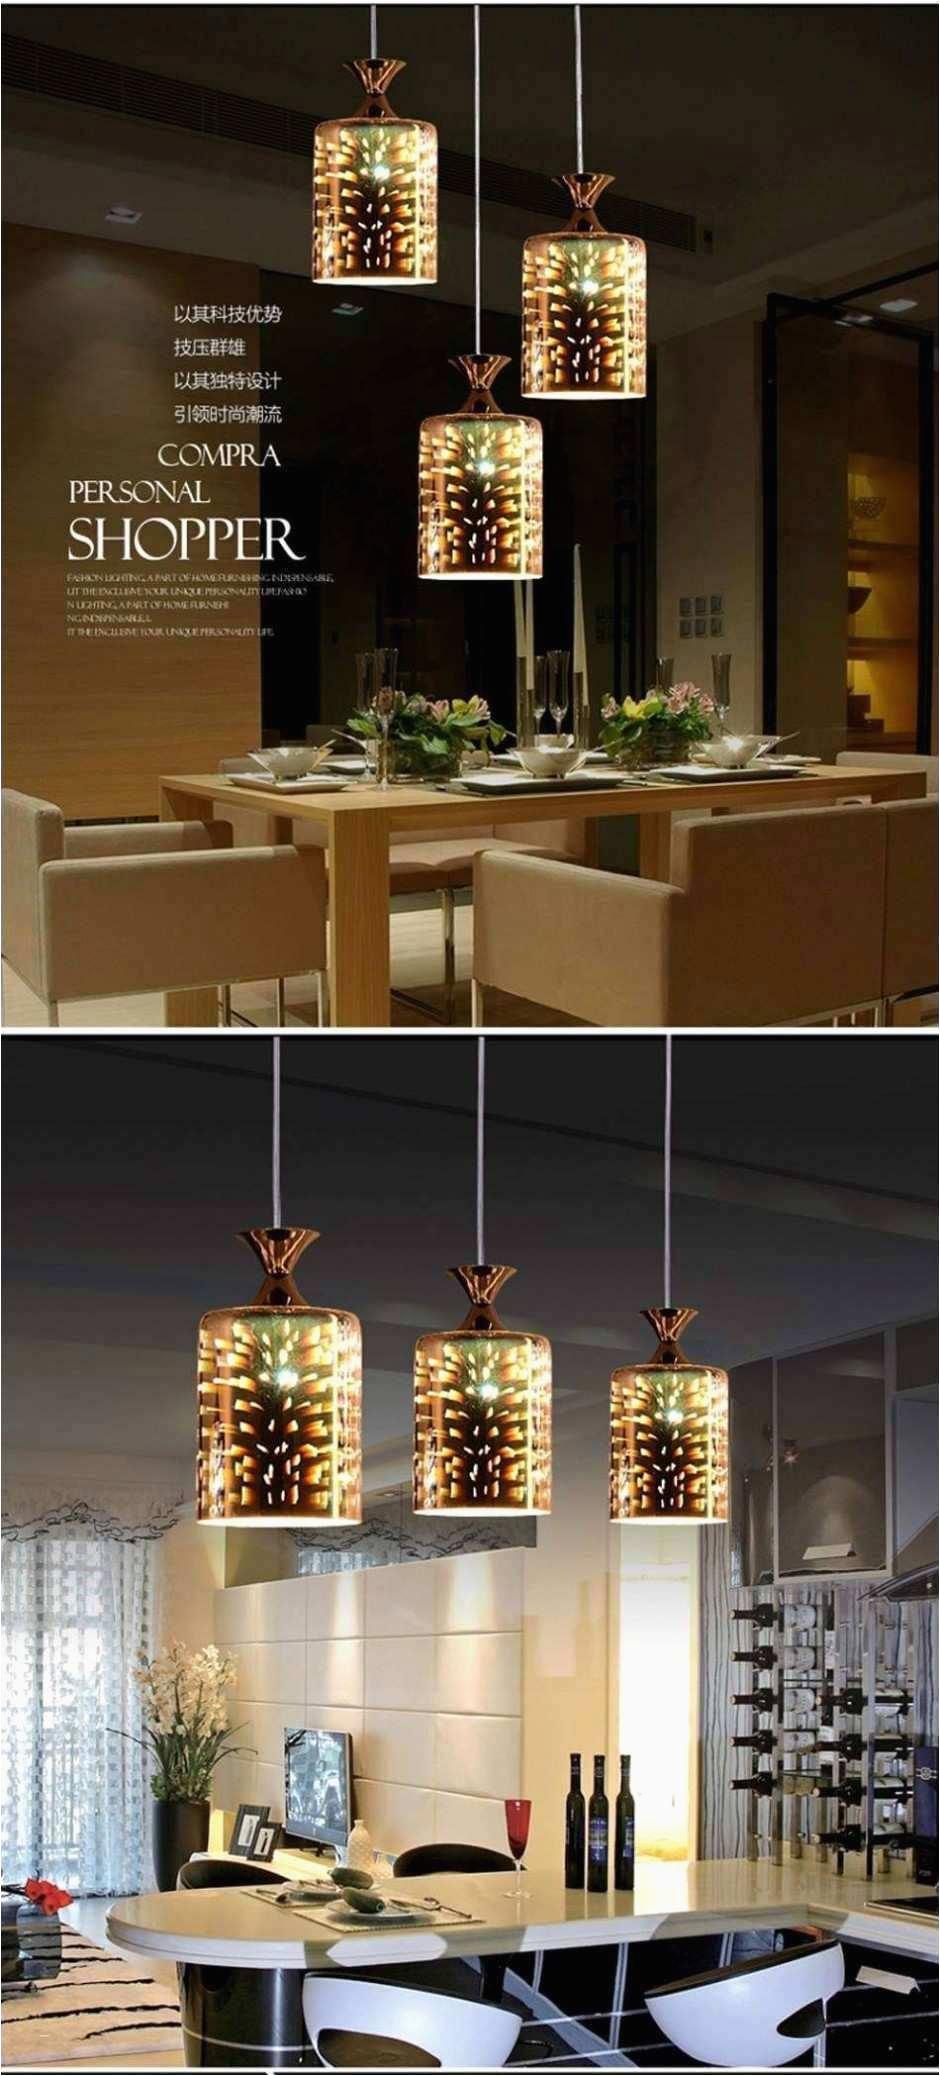 lampe selber bauen genial wohnzimmer lampe selber bauen luxus 50 frisch lampen selber of lampe selber bauen